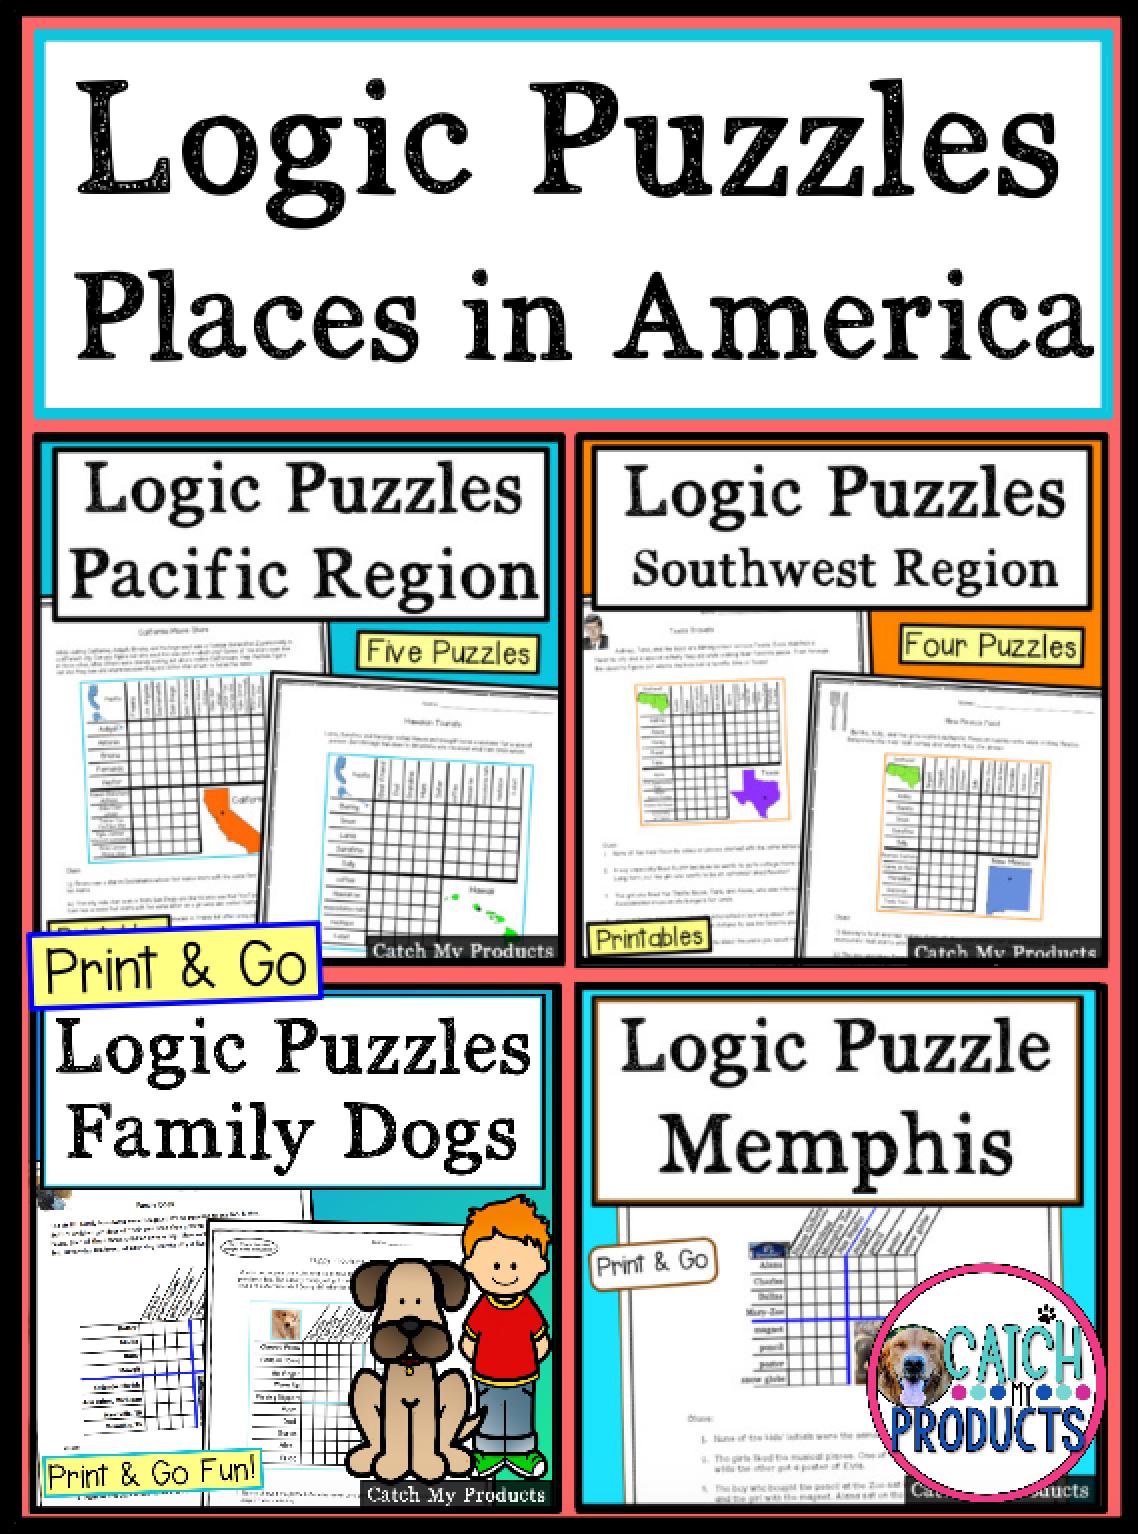 Digital Logic Puzzles